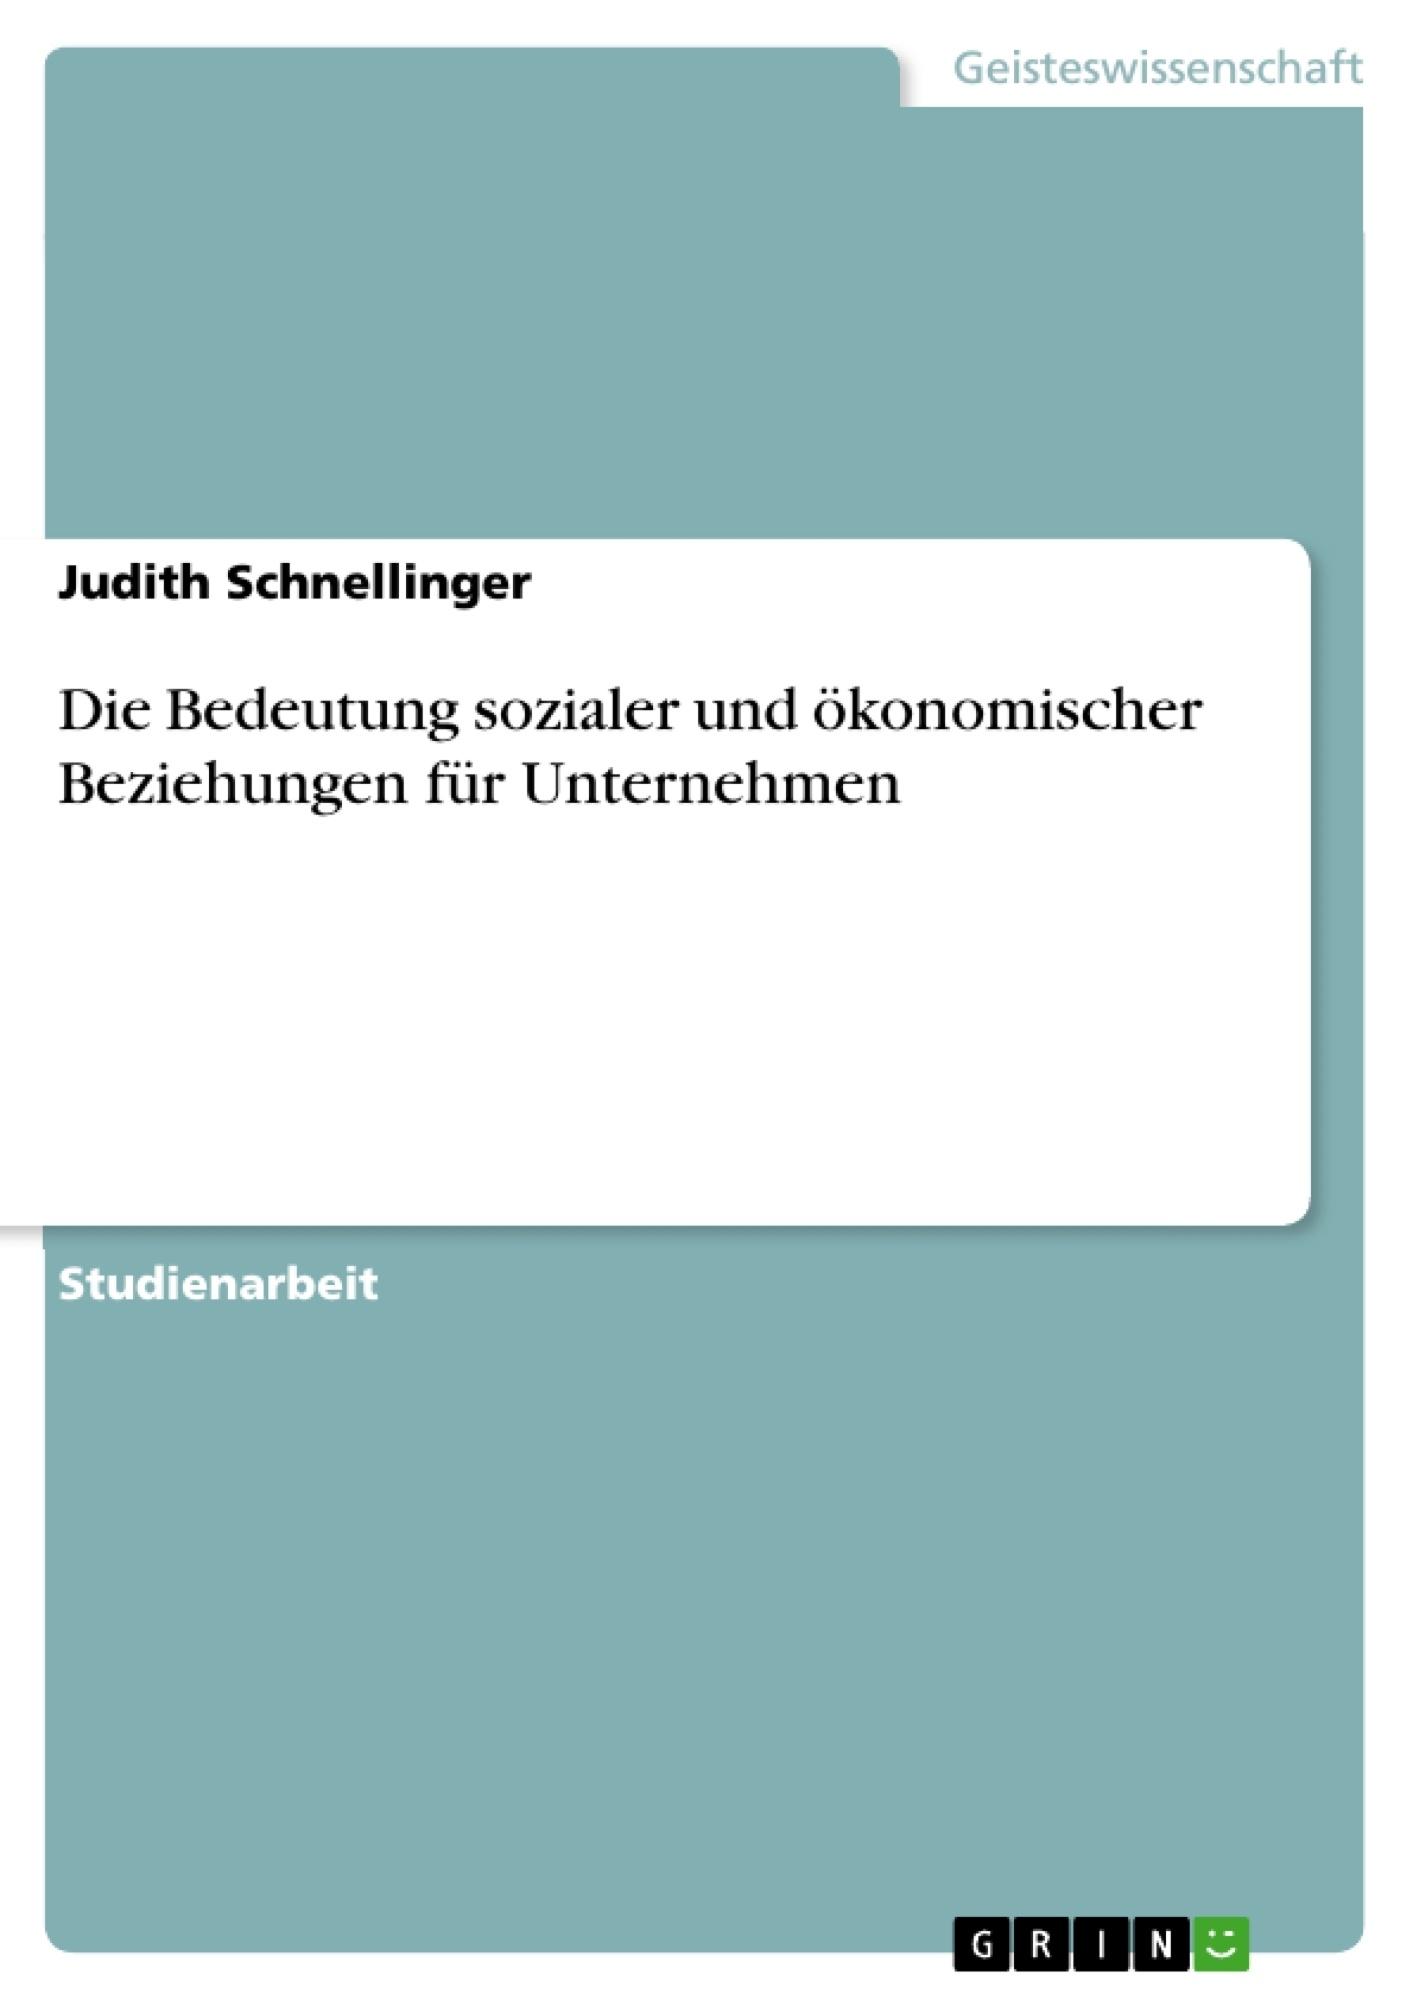 Titel: Die Bedeutung sozialer und ökonomischer Beziehungen für Unternehmen